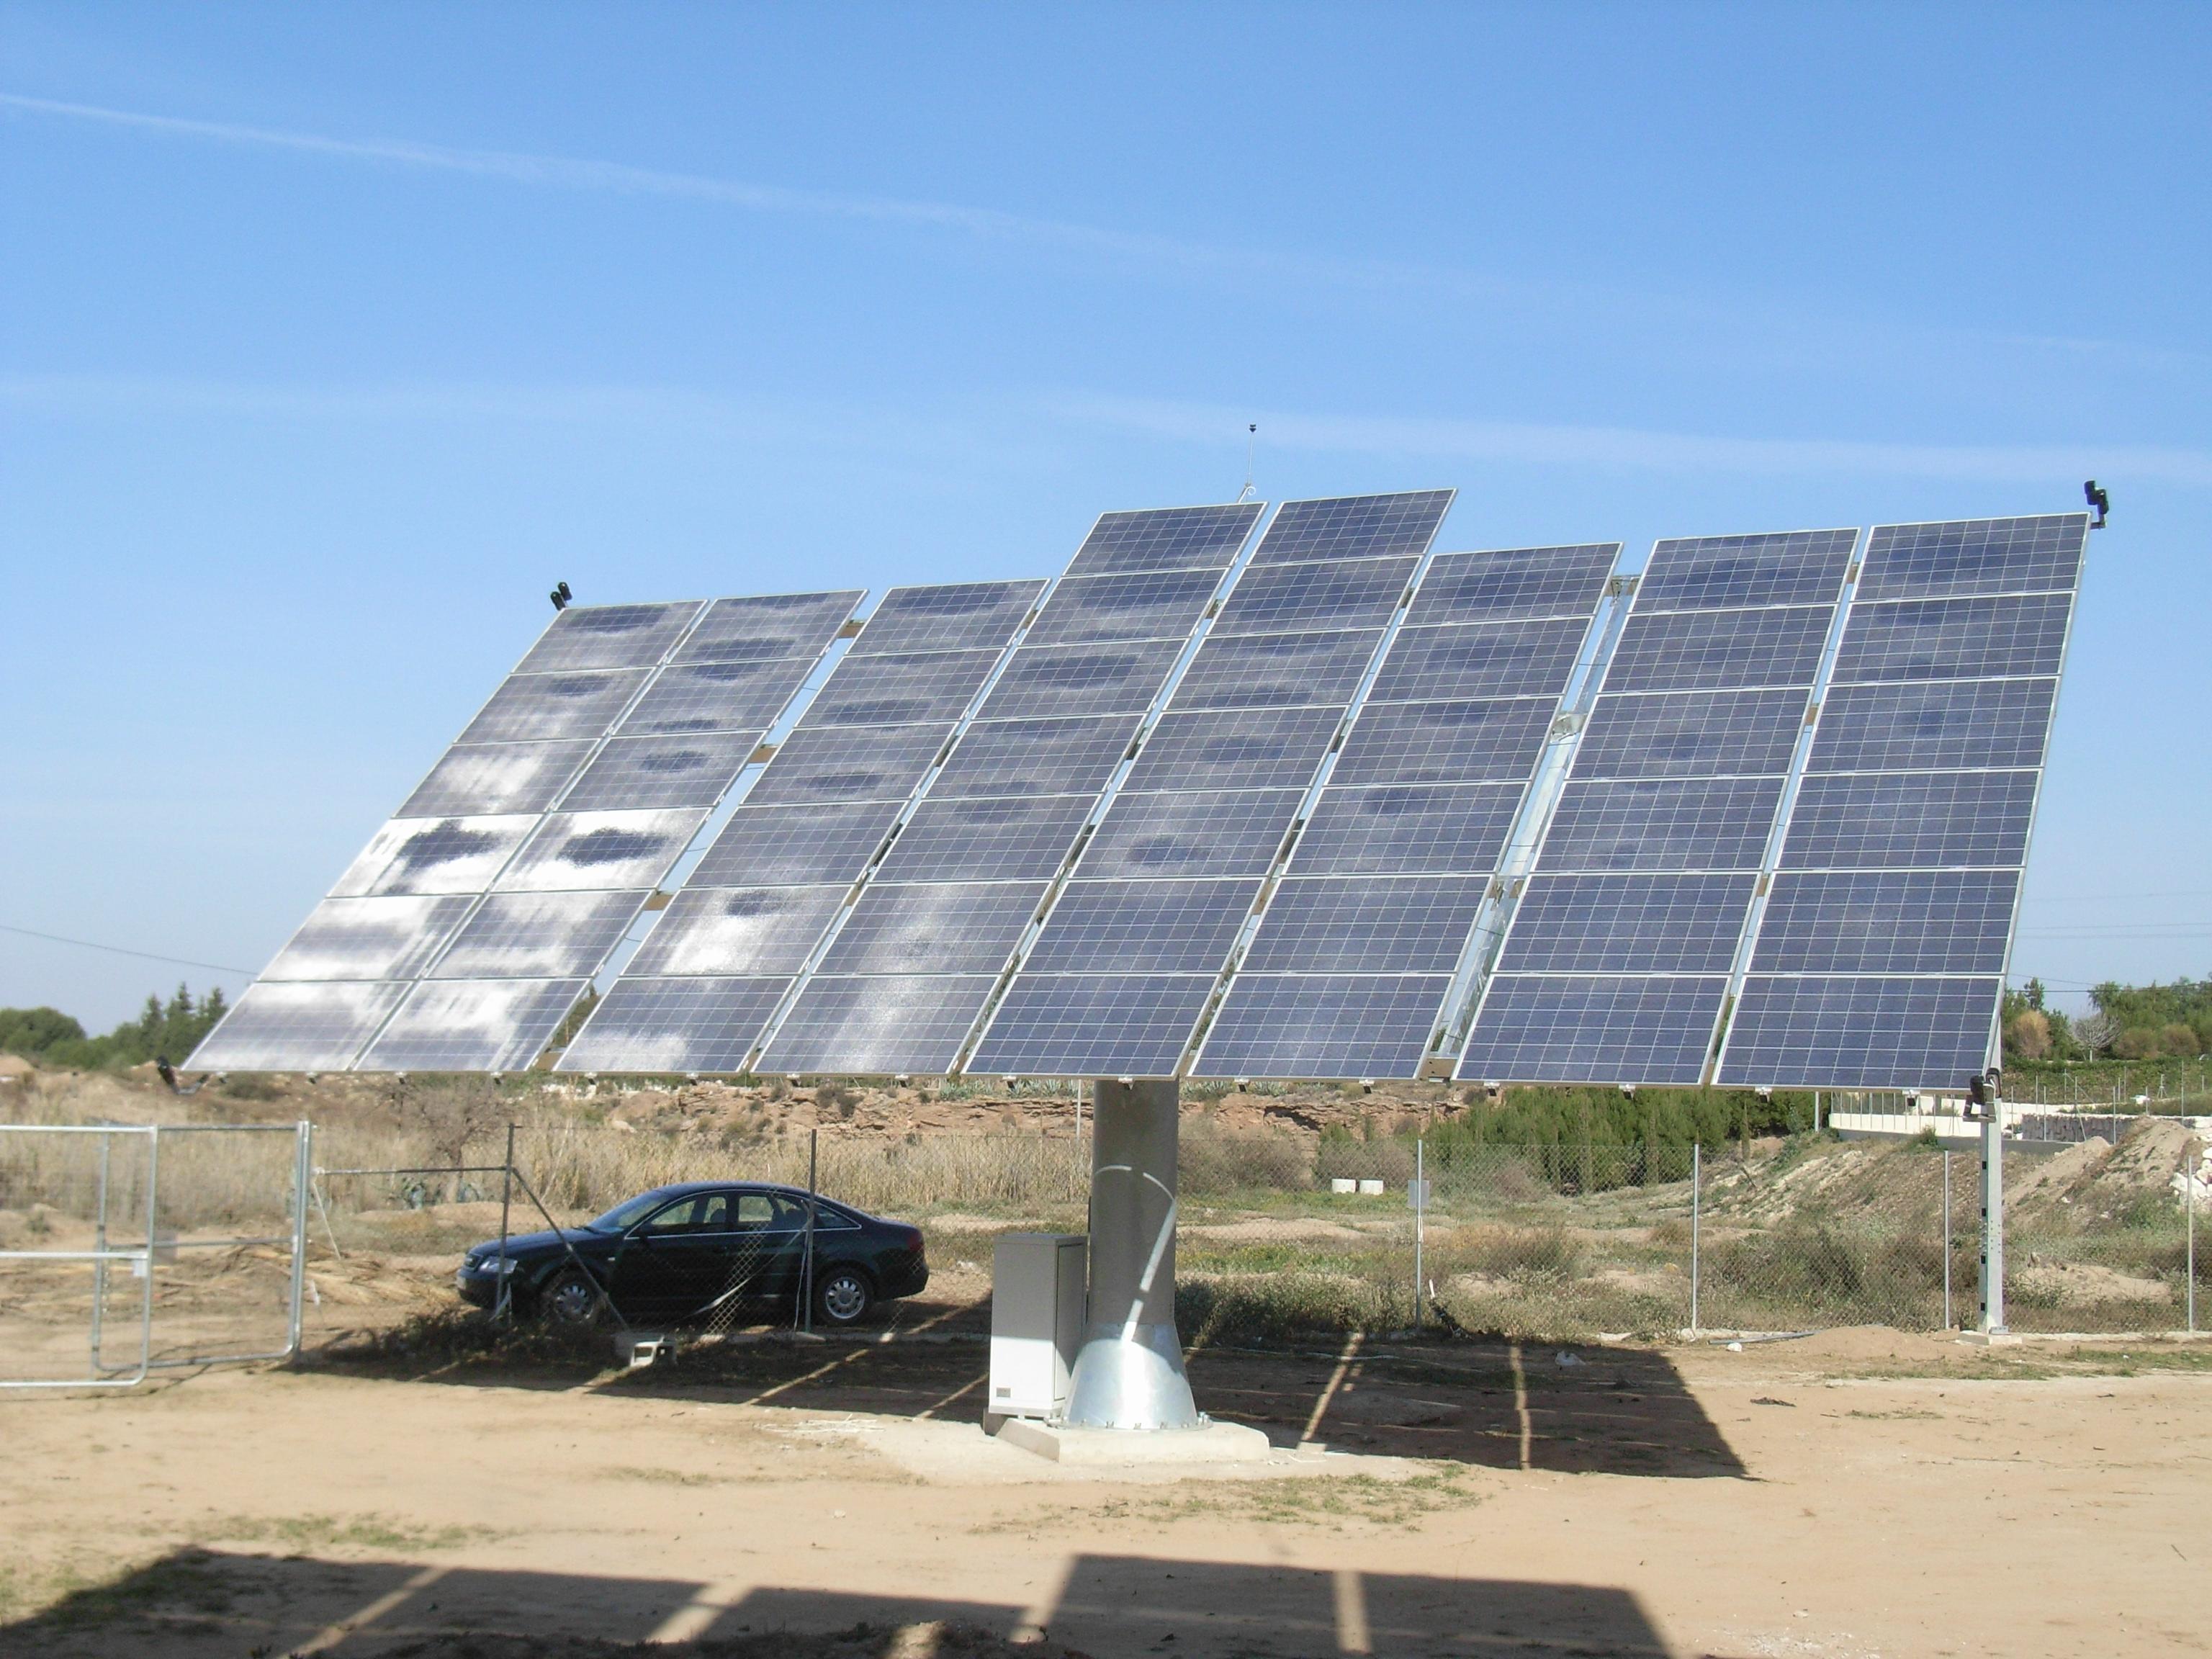 Instalaci n solar fotovoltaica con seguimiento arada for Instalacion fotovoltaica conectada a red